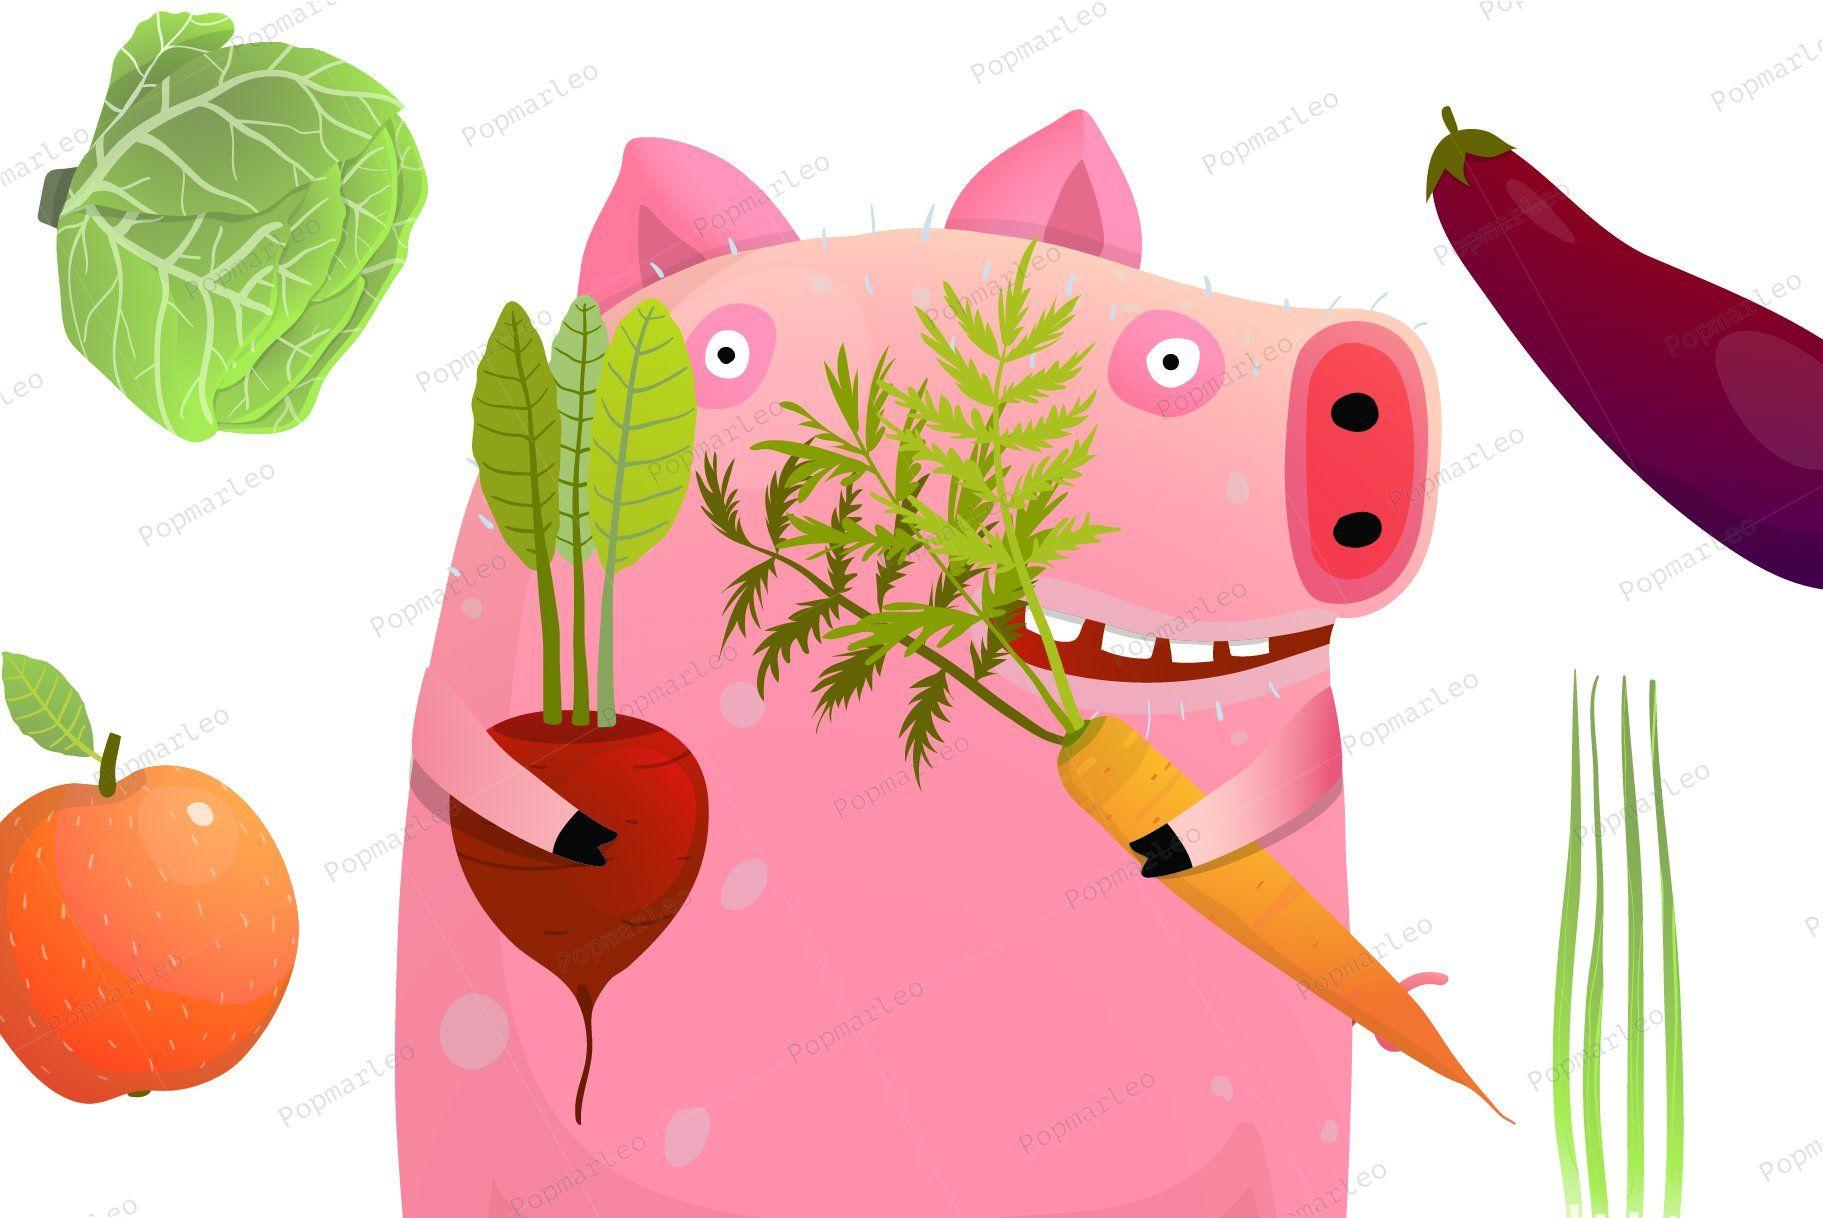 Cute Pig Eating Smart Vegetable Diet Vegetable Diet Pigs Eating Eat Smart